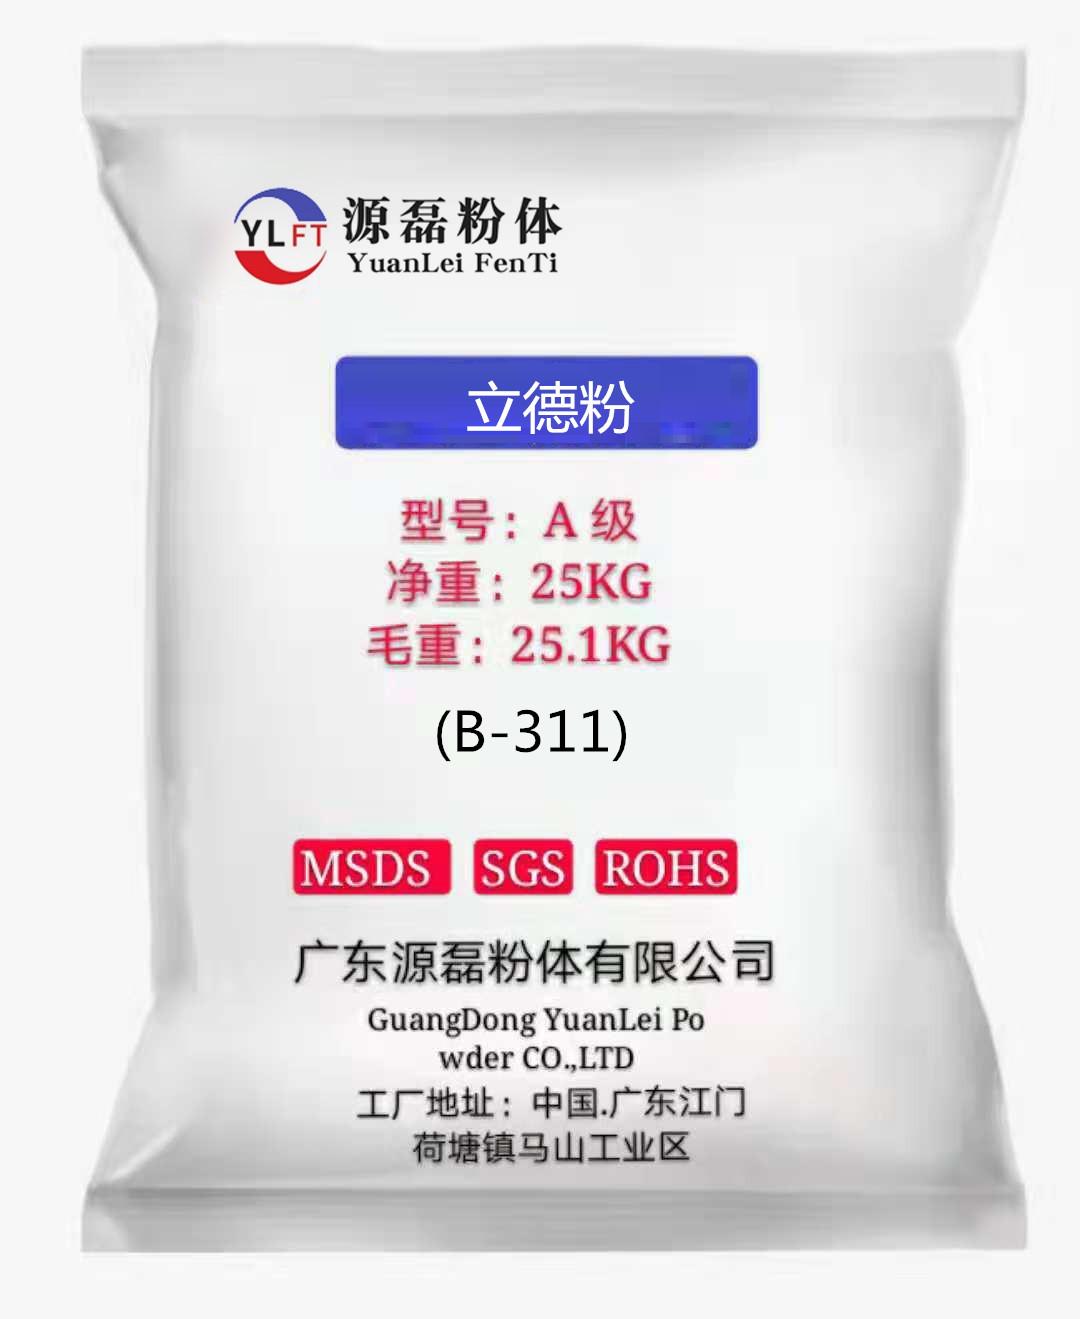 伦教耐用的石英粉低价批发-佛山市供应好用的广东源磊石英砂厂家